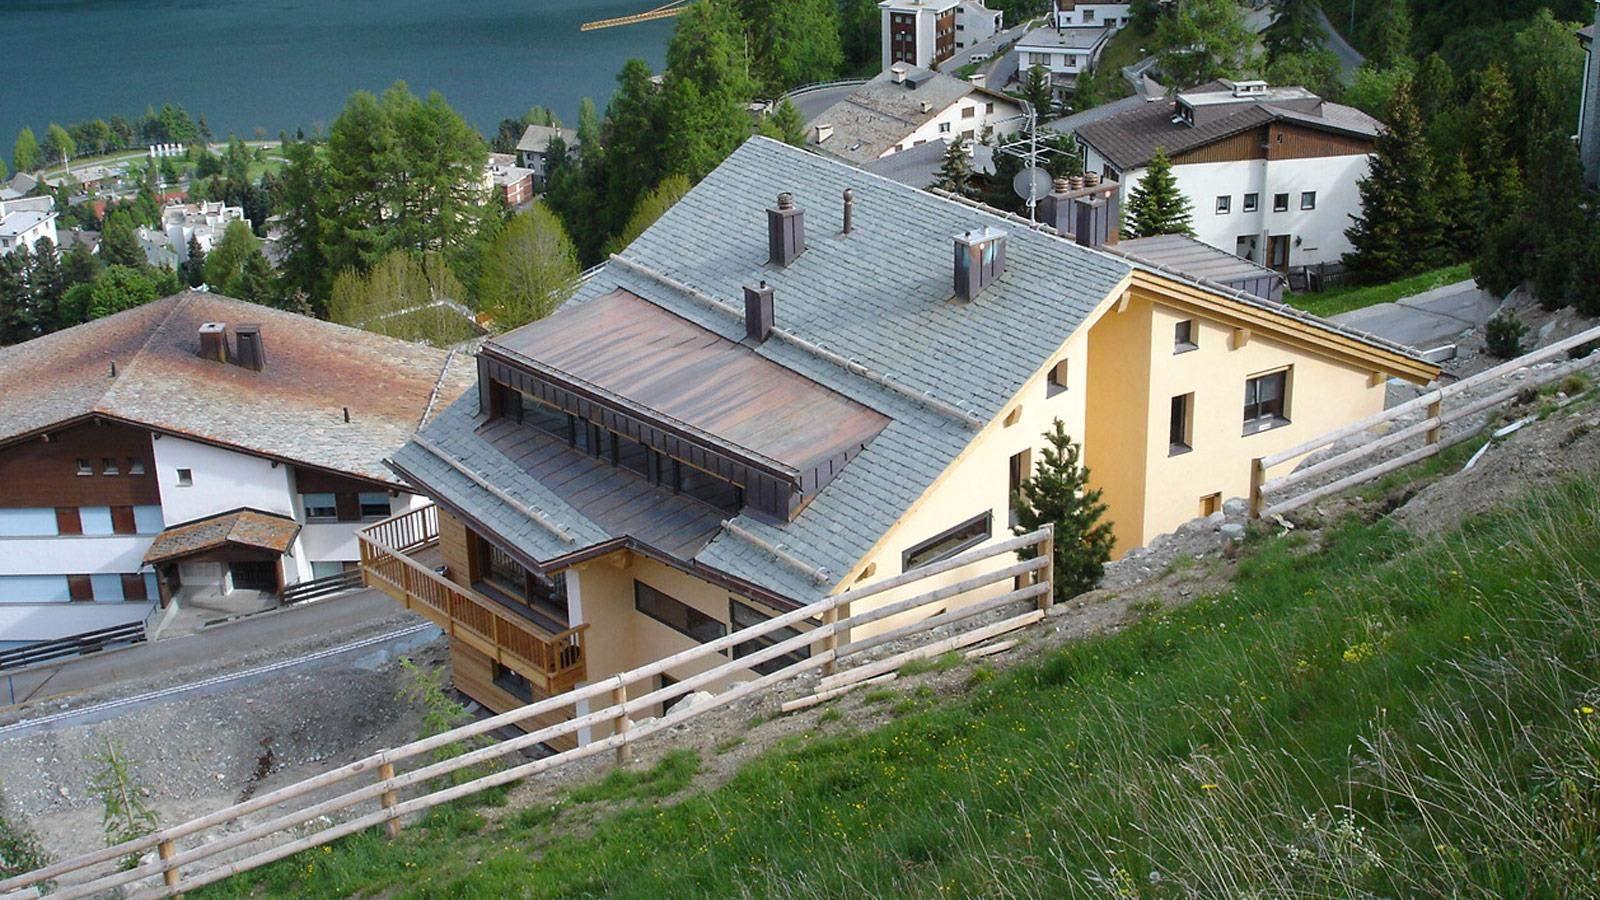 lebensdauer dachziegel allerdings sind die glsernen dachziegel einfacher und verfgen ber eine. Black Bedroom Furniture Sets. Home Design Ideas